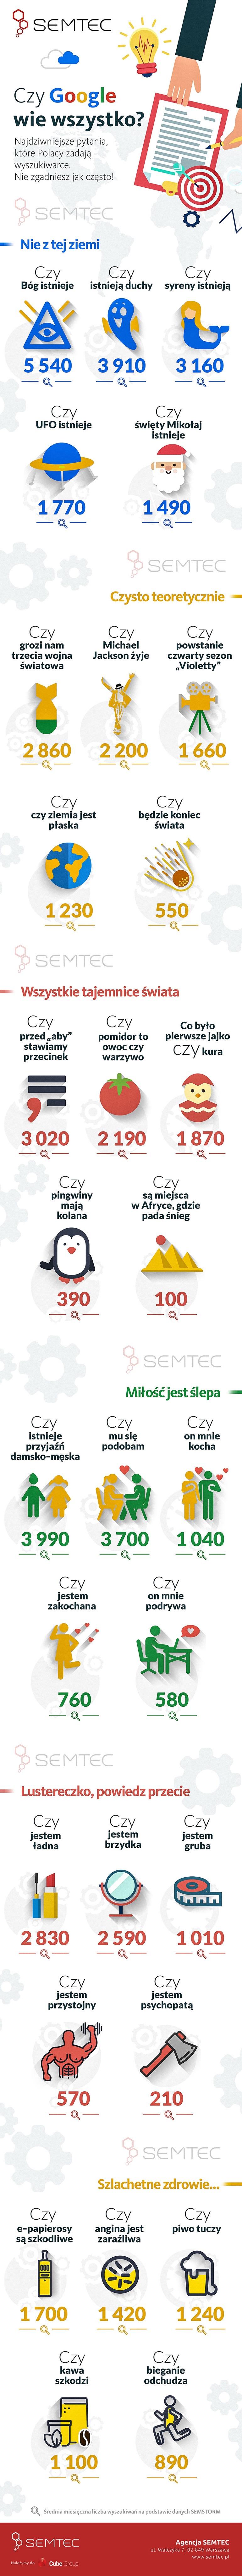 Najdziwniejsze zapytania z polskiej wersji wyszukiwarki Google (infografika)